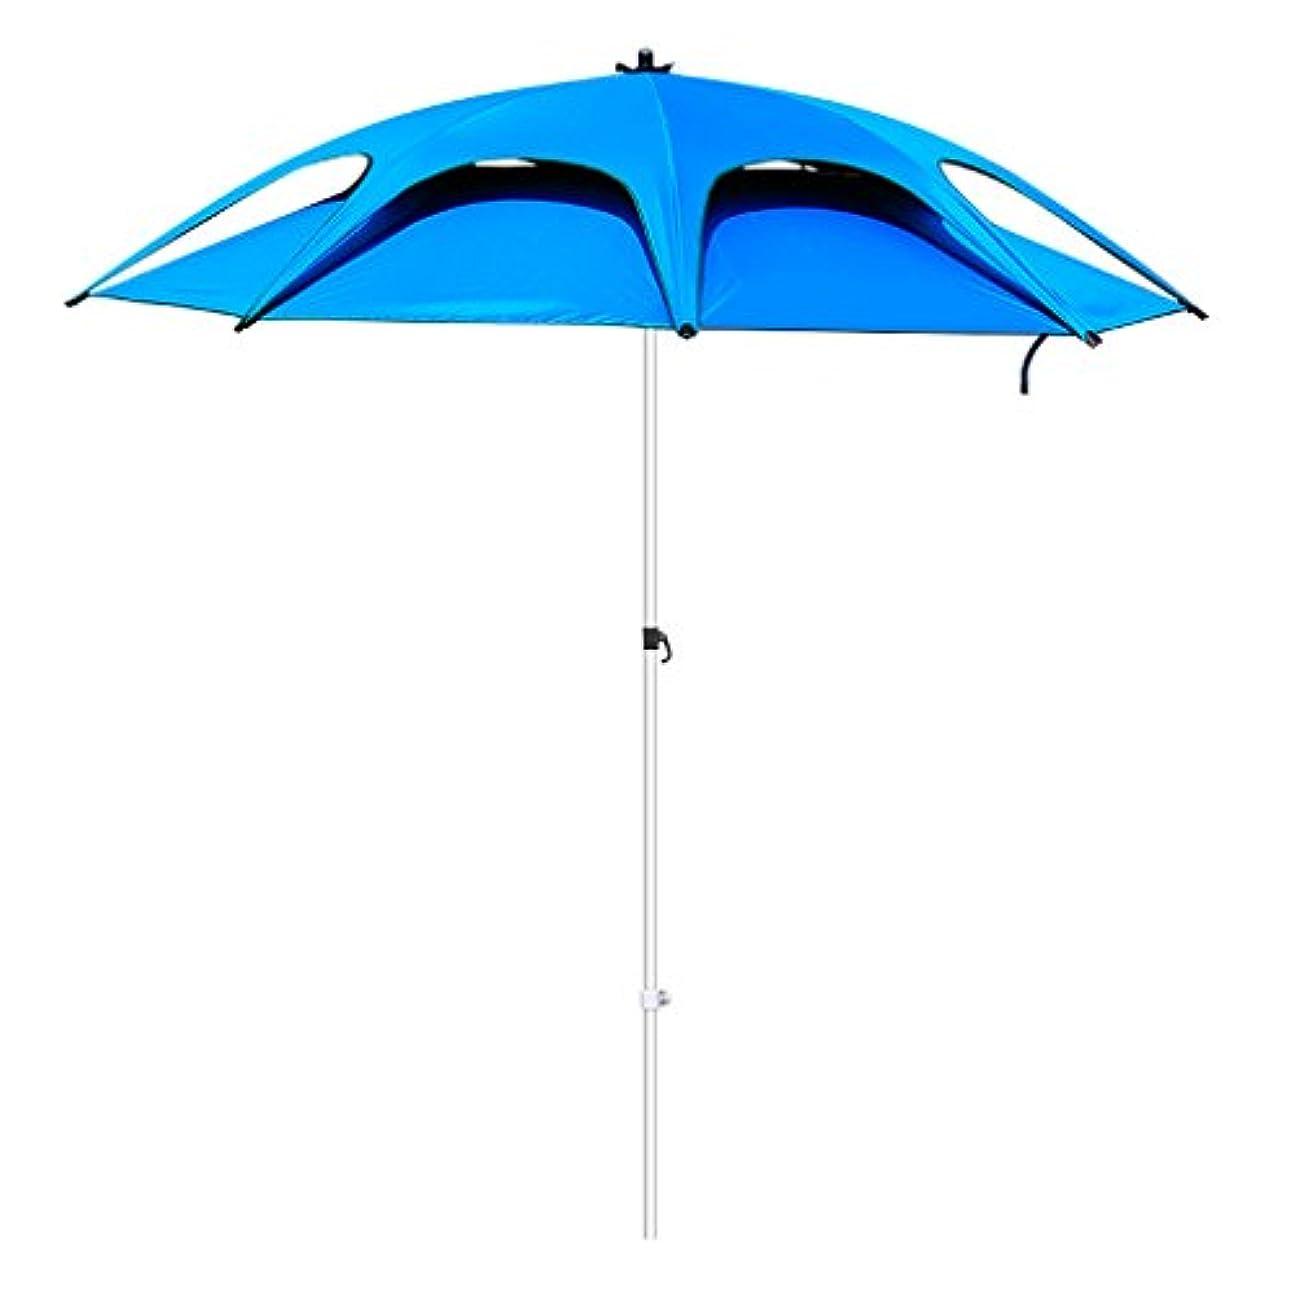 エレメンタル容赦ない手つかずの屋外アンブレラ|釣り傘|傘|釣り傘| 2.4メートルギャップのダブルベンドアウトドアフィッシング傘|サンUmbrellas |防水釣り用品|アウトドアフィッシングギア|通気性のダブル傘